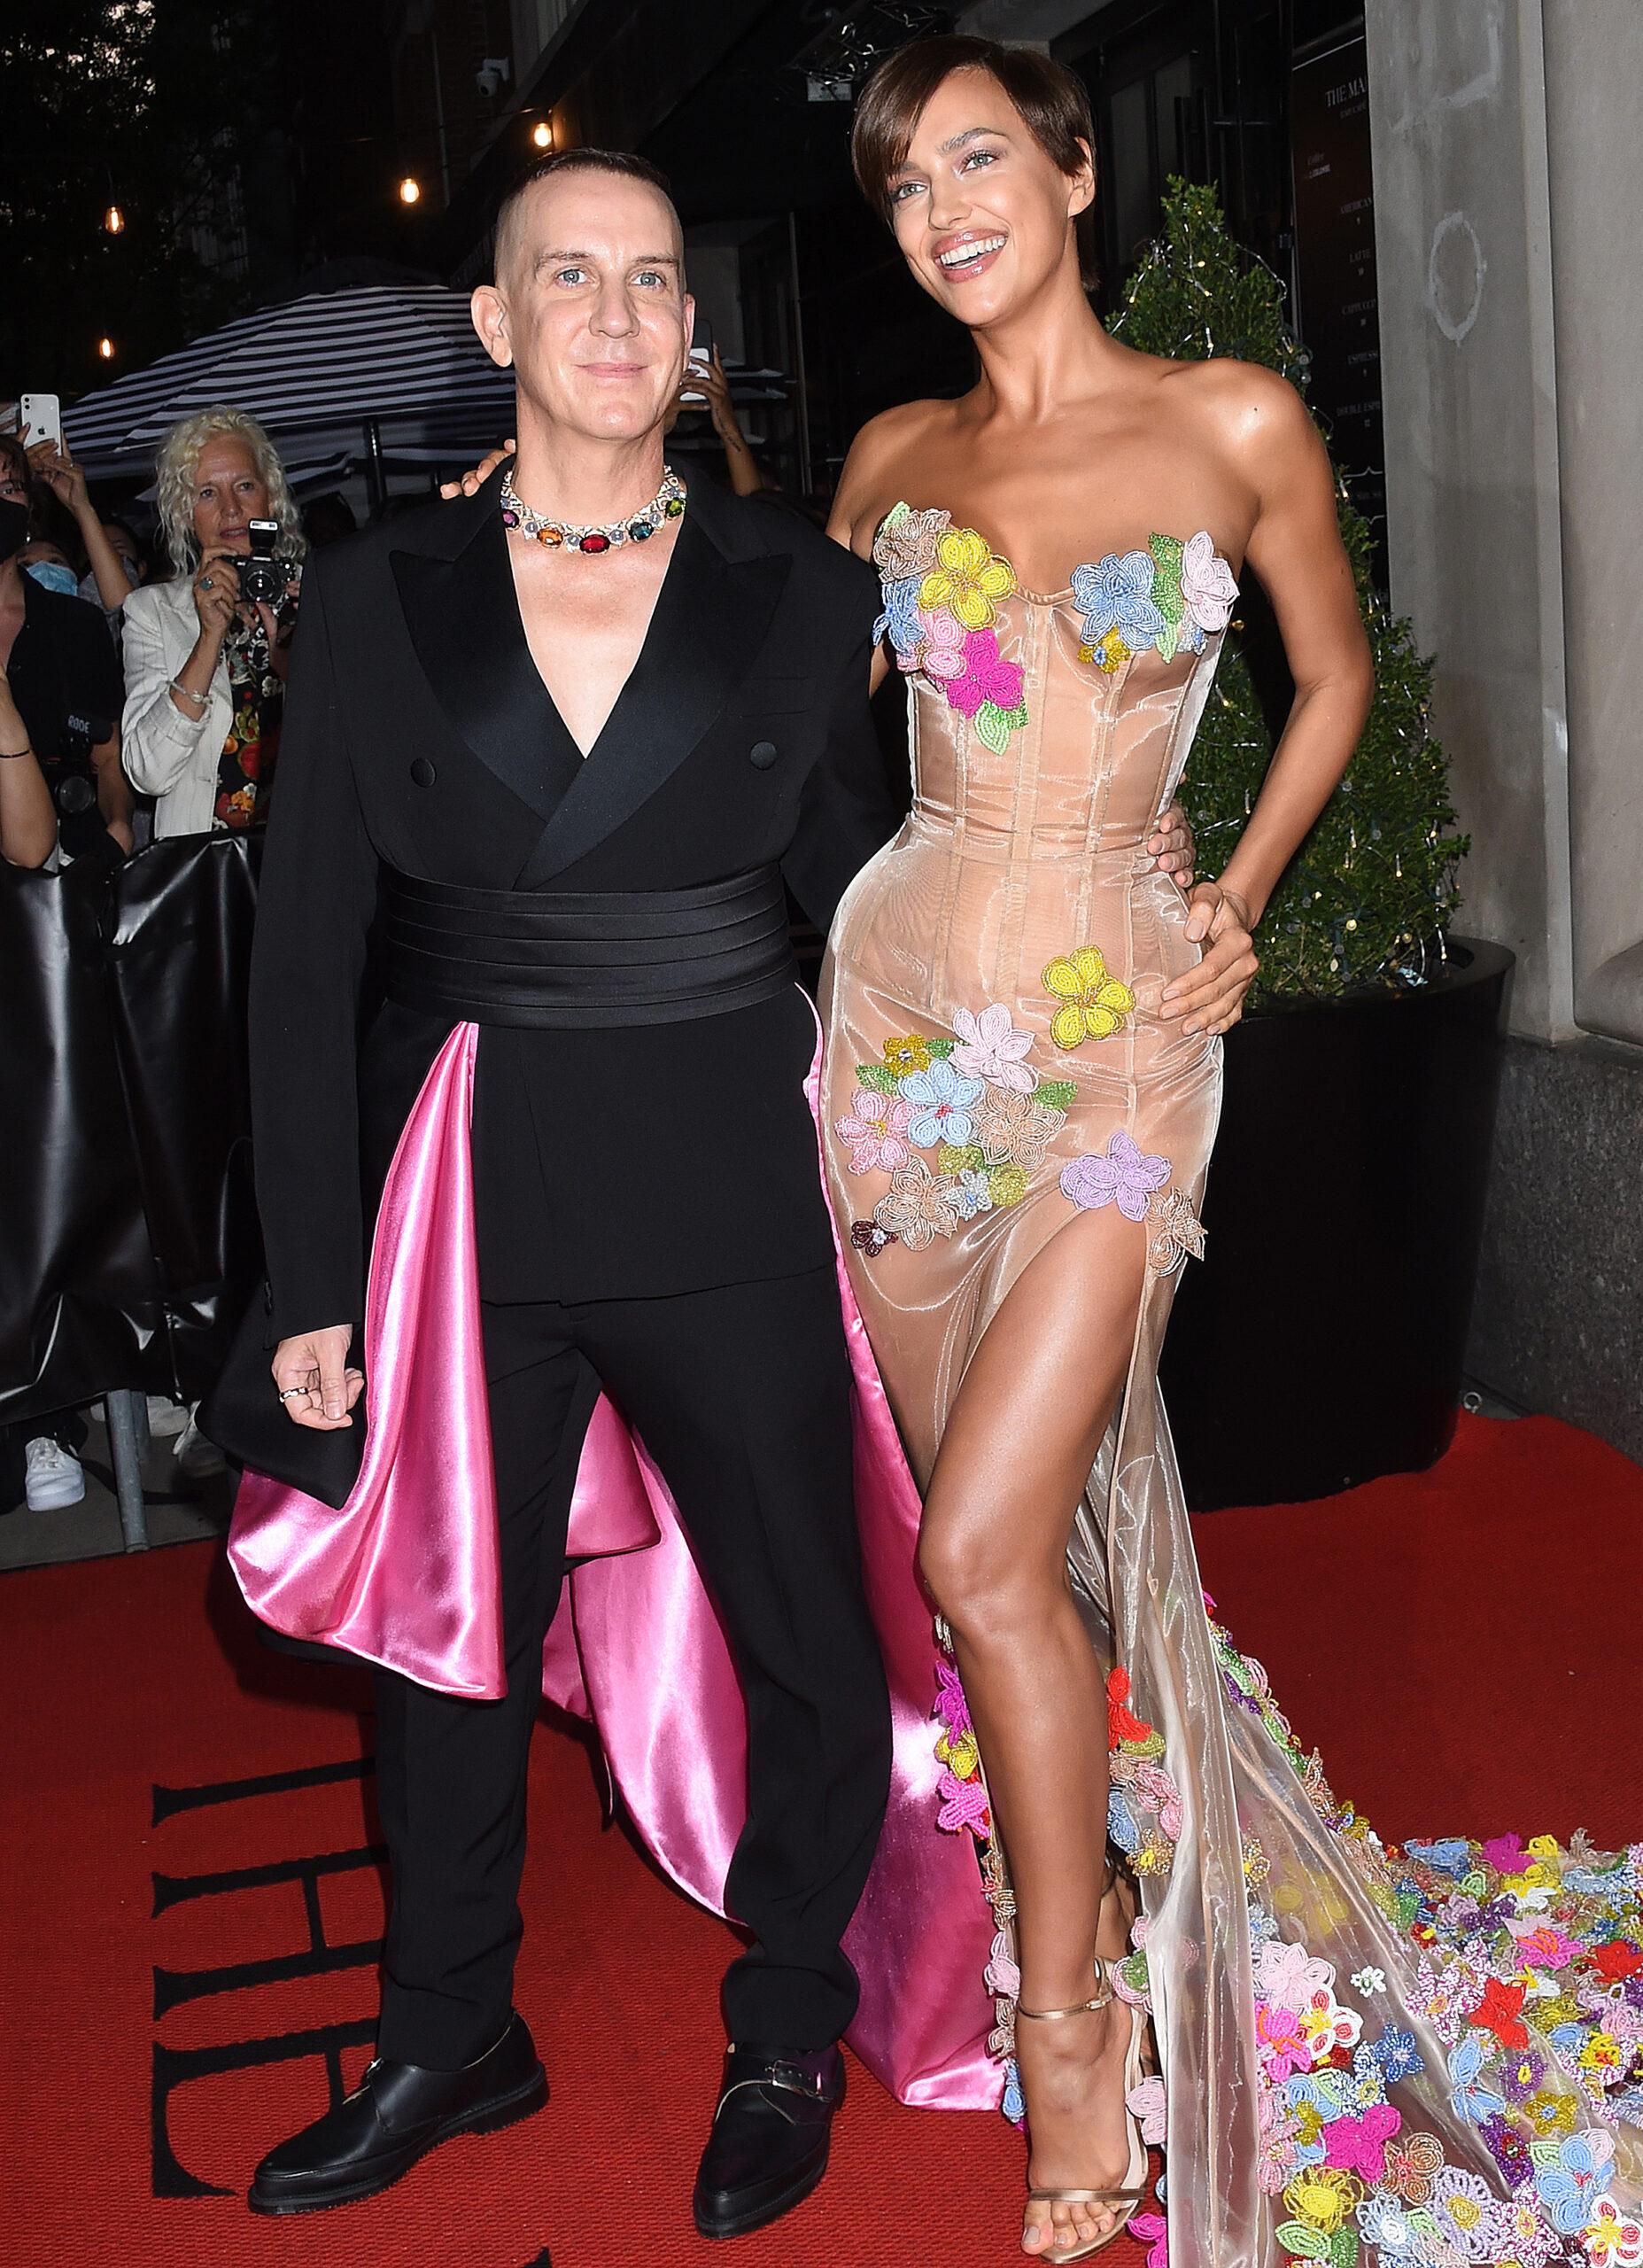 Irina Shayk 2021 : Irina Shayk – departing The Mark Hotel in New York City for the 2021 Met Gala-05